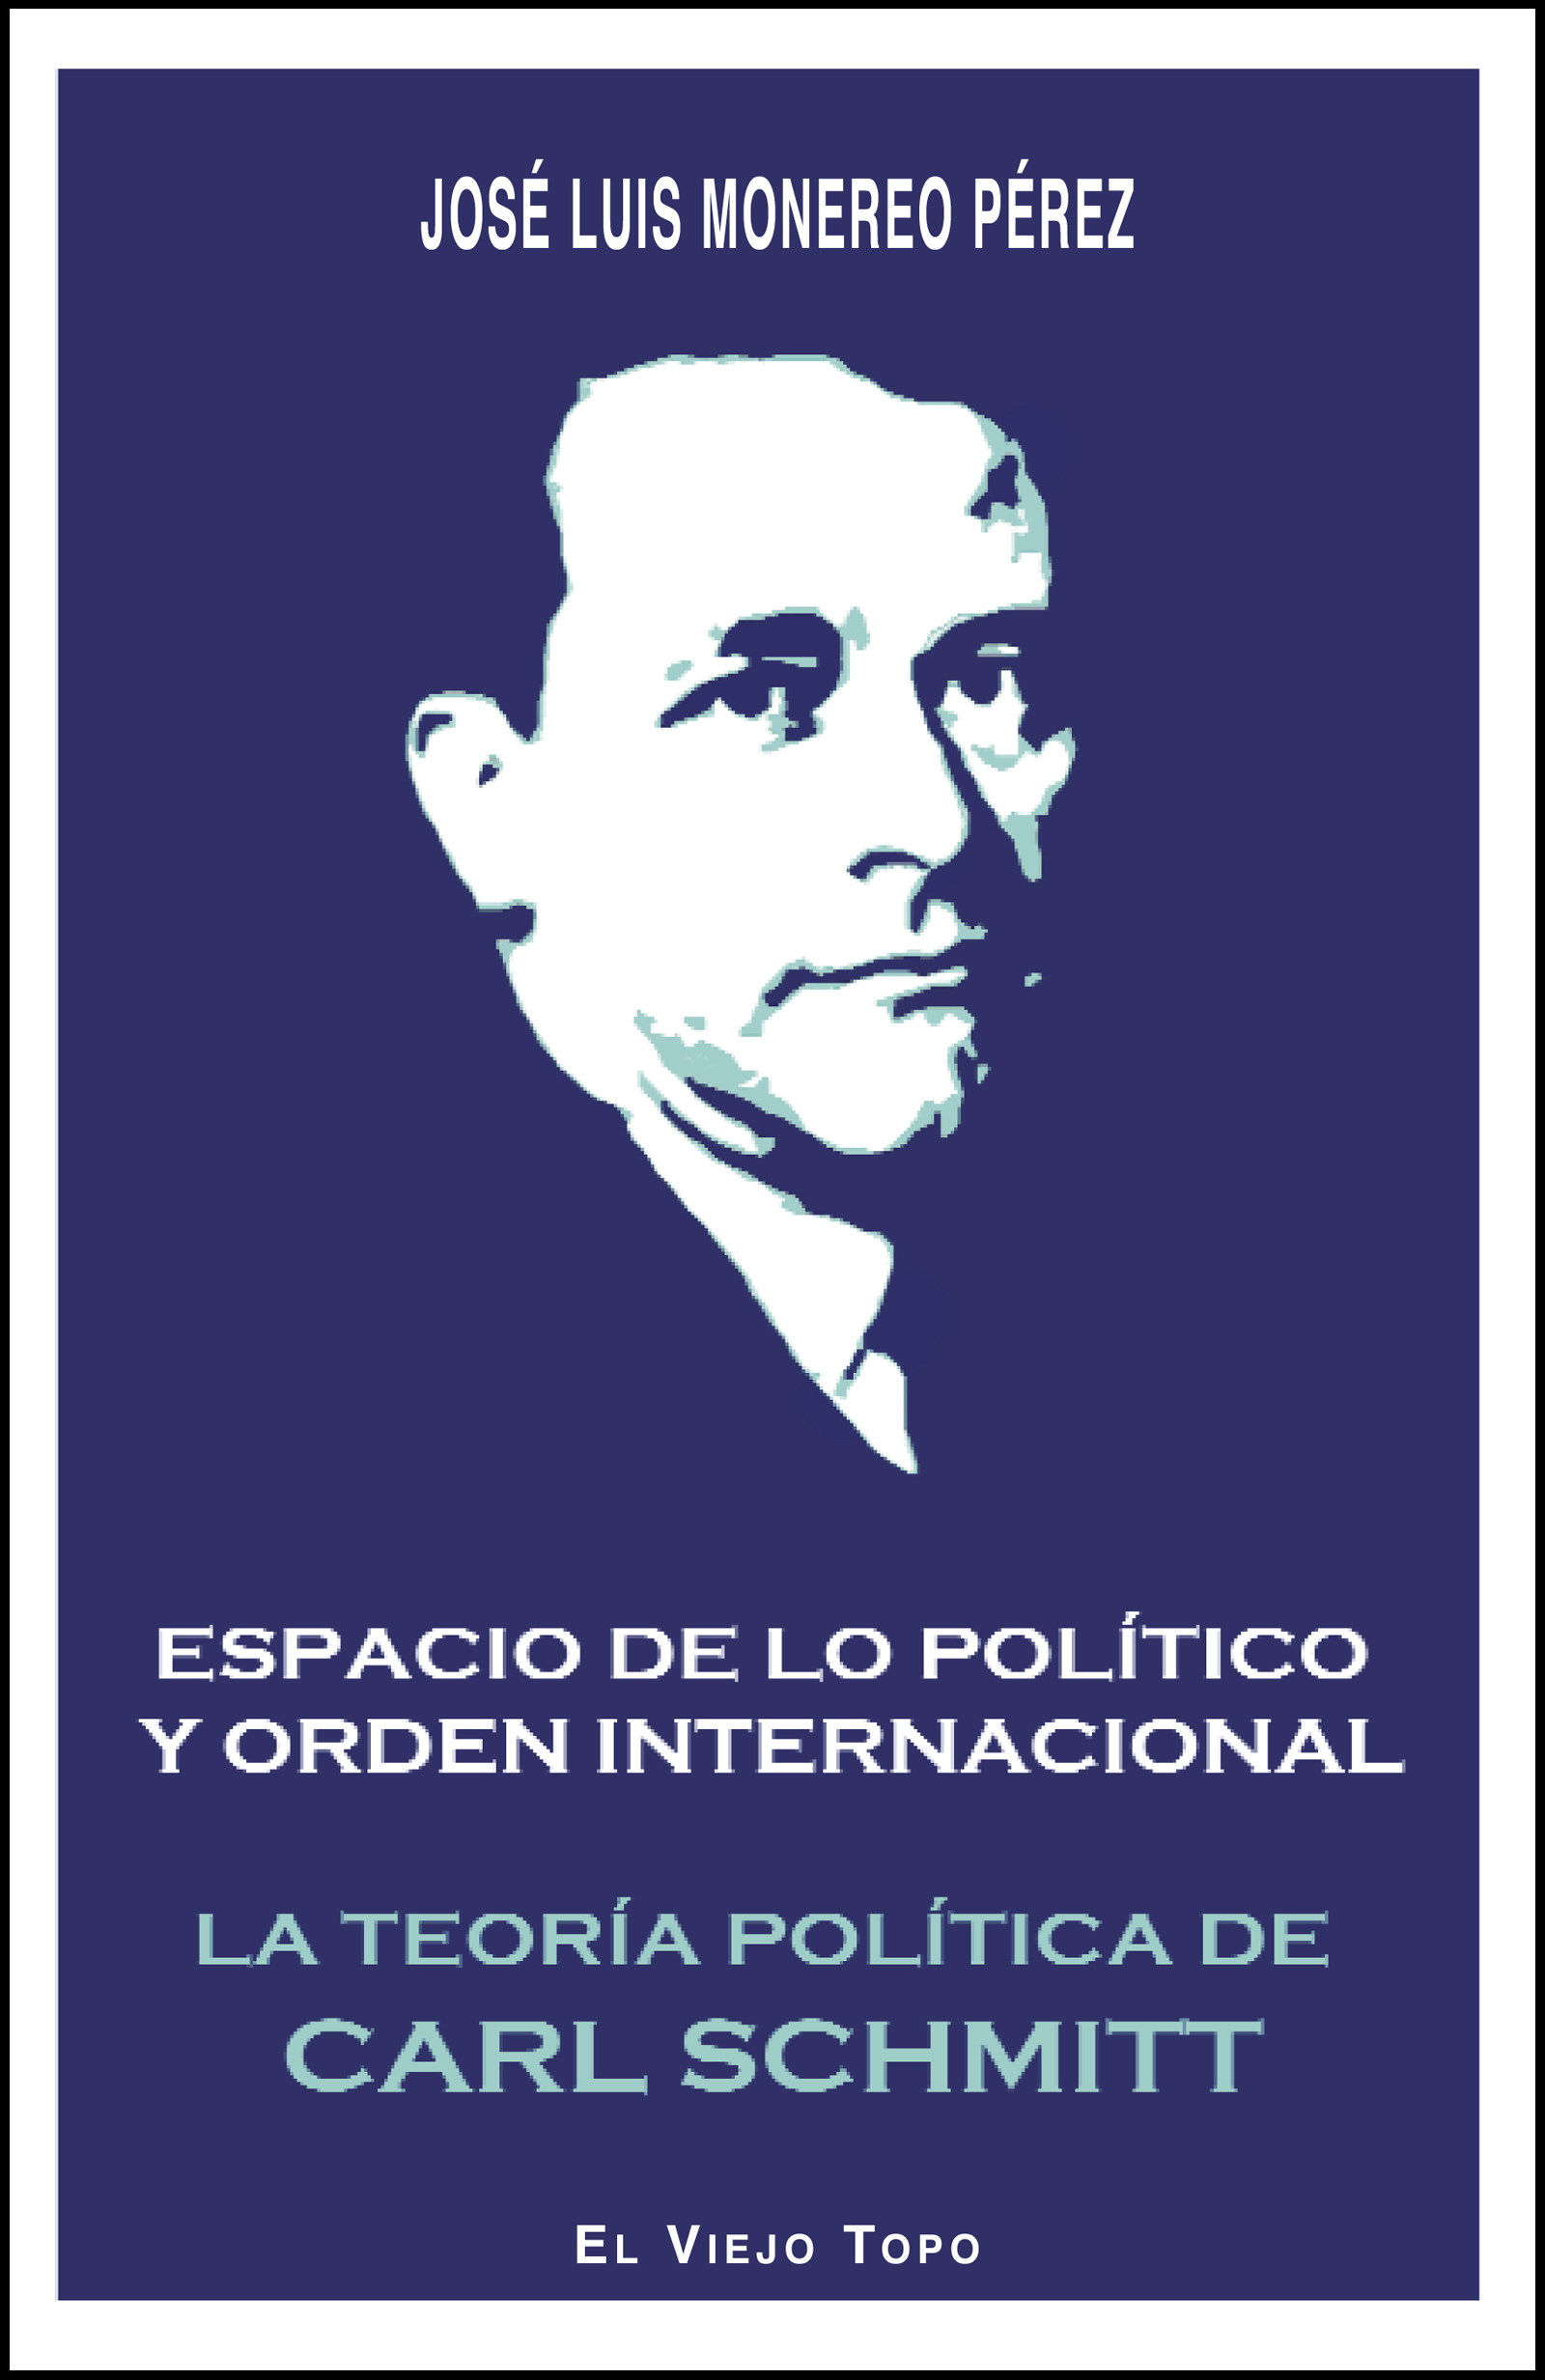 La teoría política de Carl Schmitt